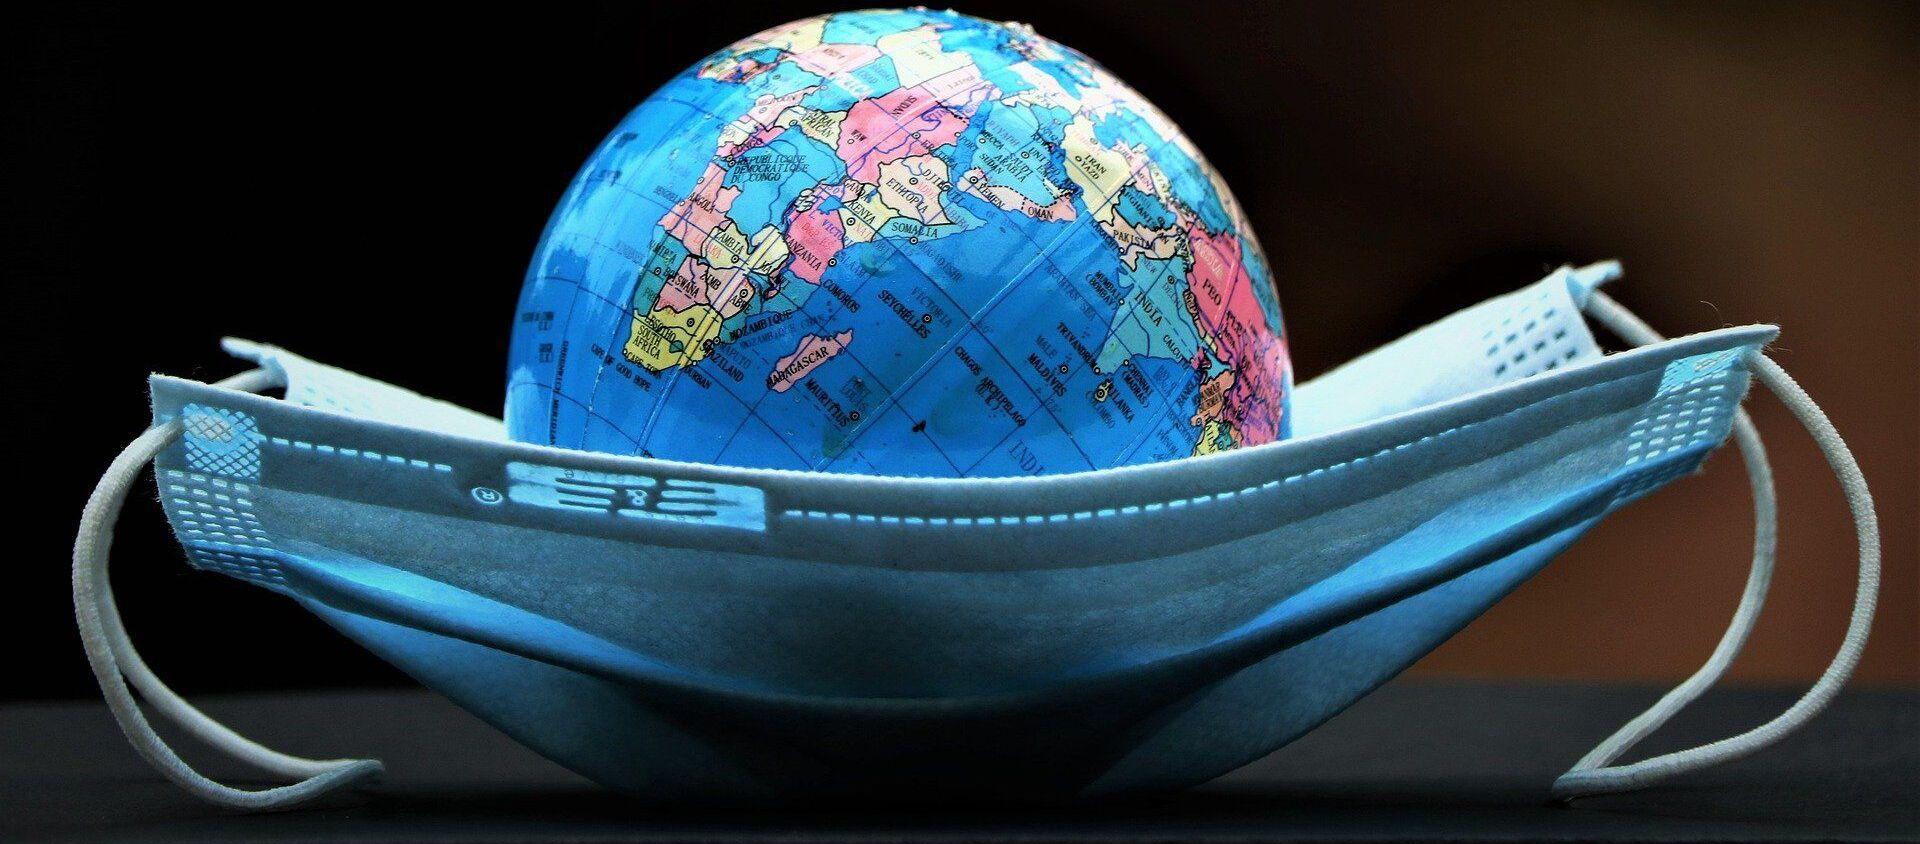 Un globo terráqueo dentro de una mascarilla - Sputnik Mundo, 1920, 20.01.2021